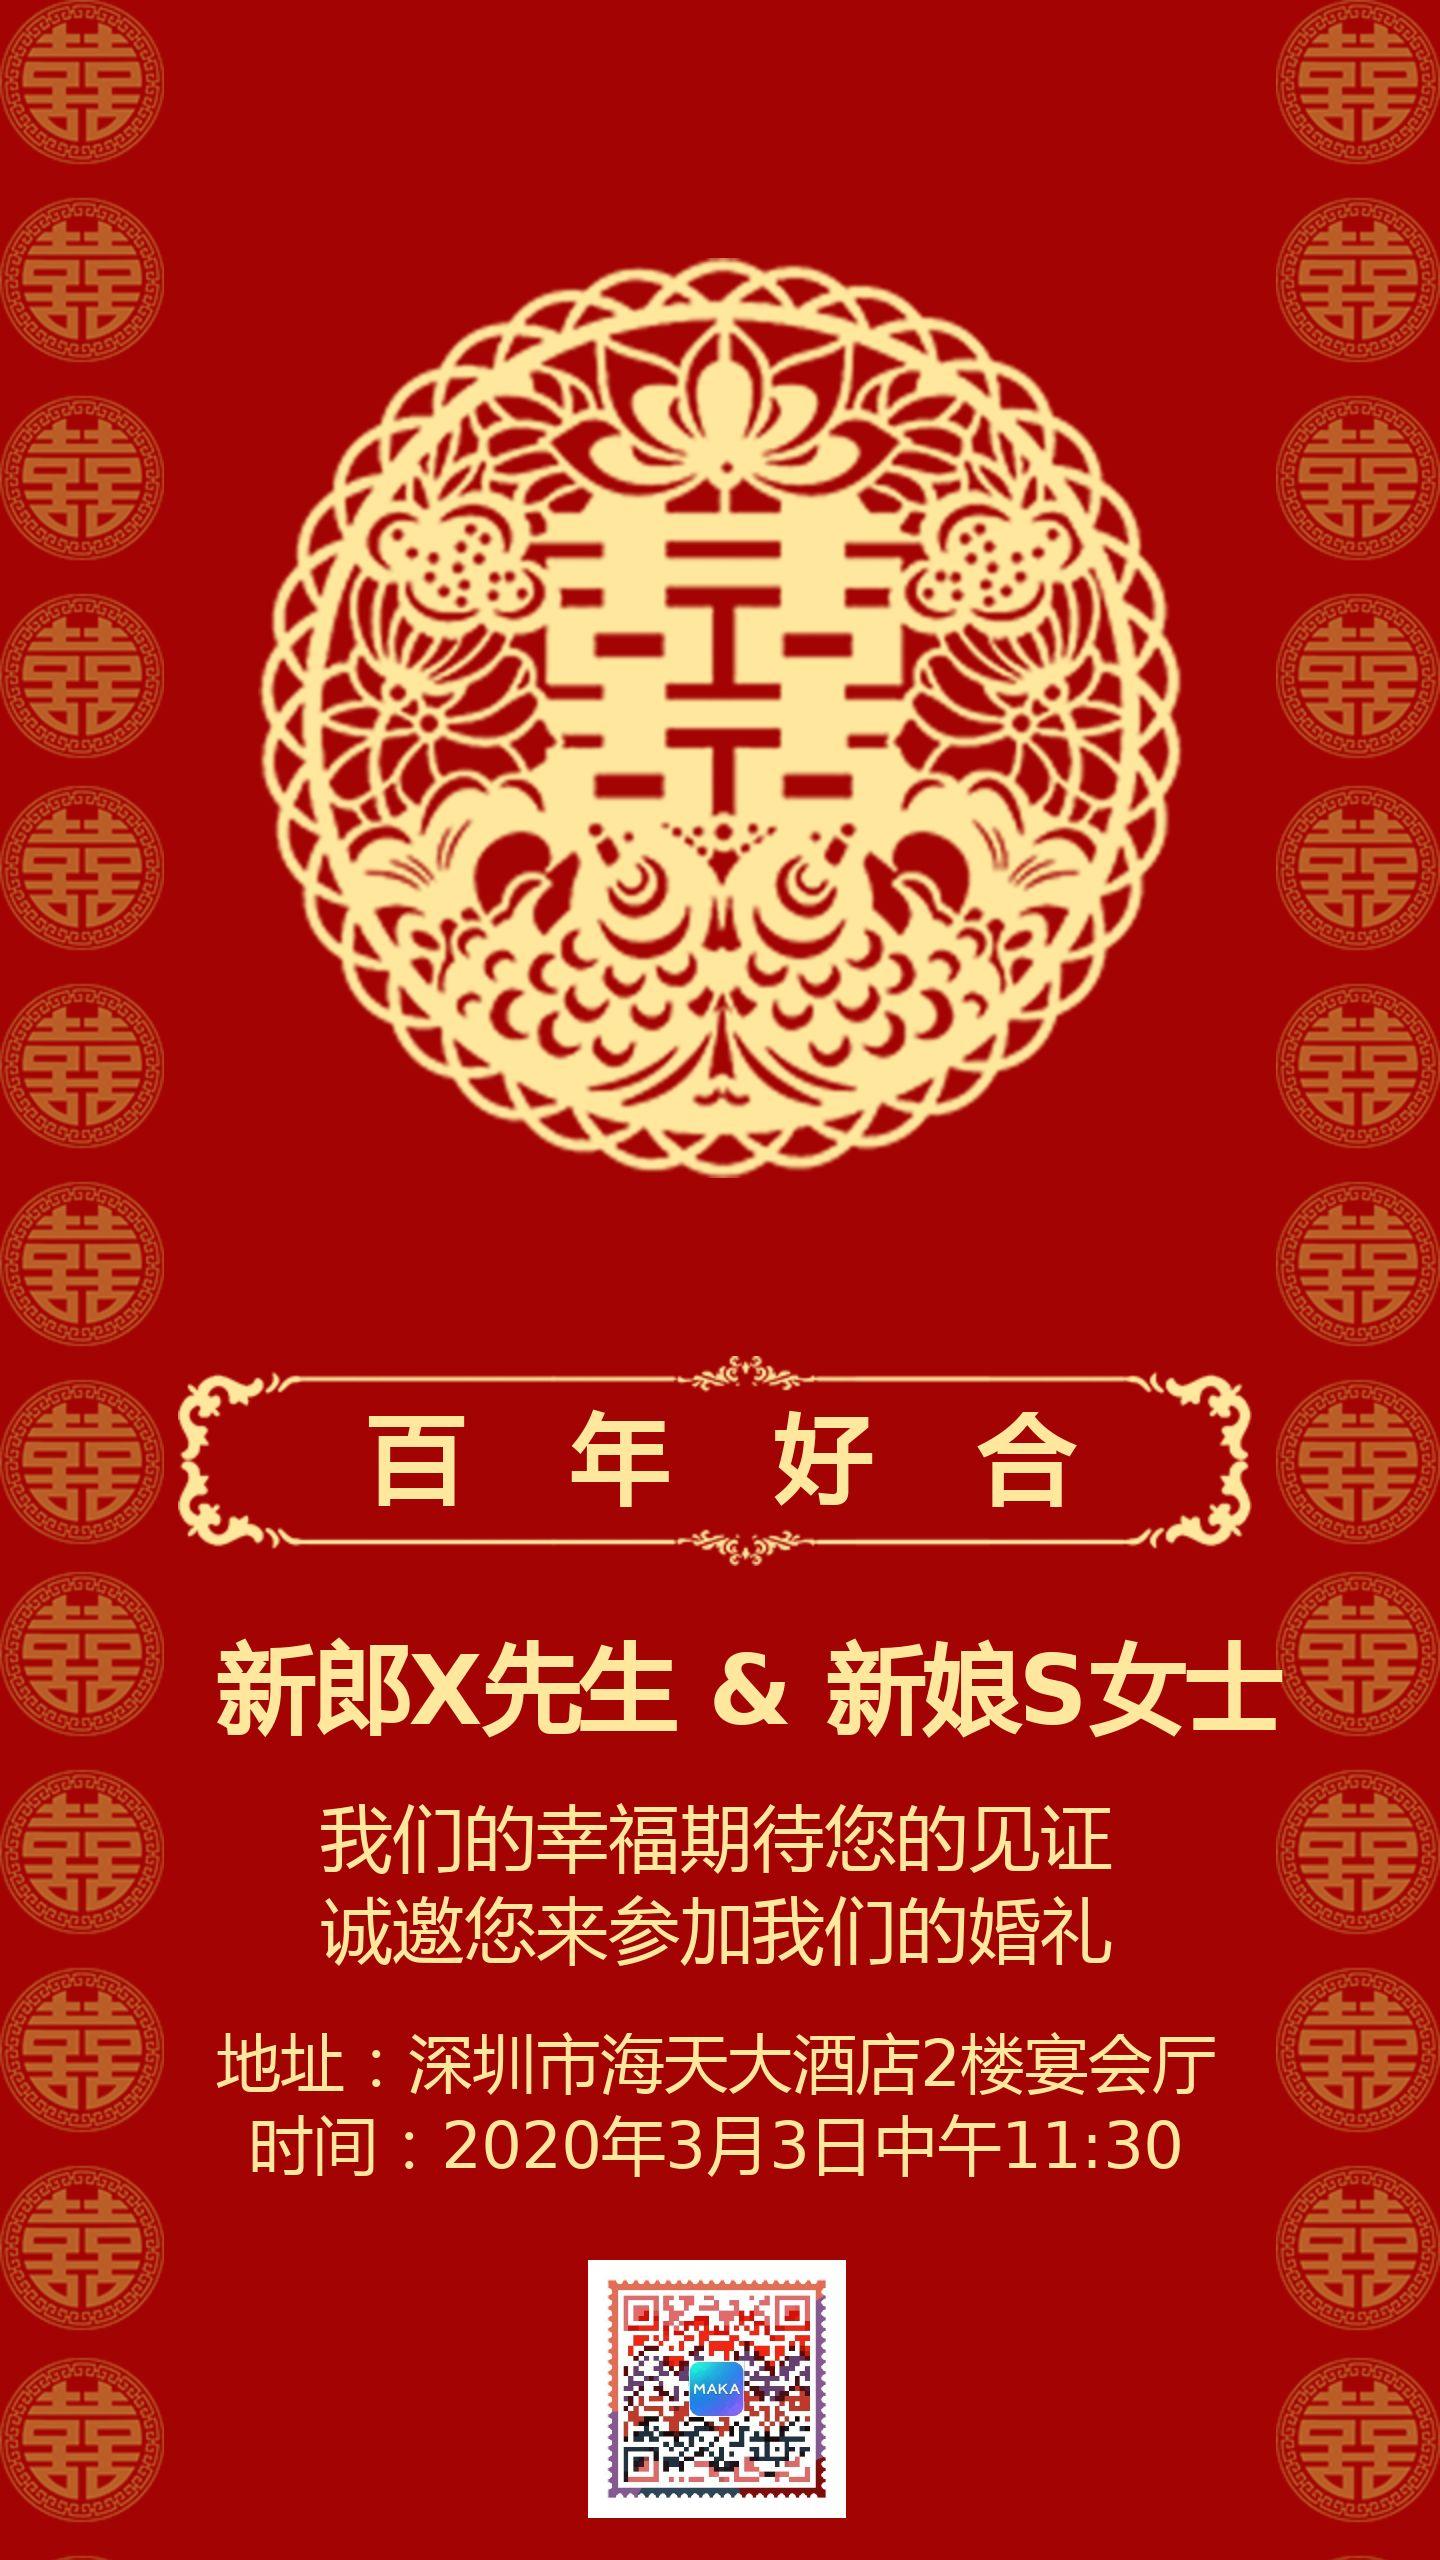 中国红喜庆百年好合婚礼邀请海报